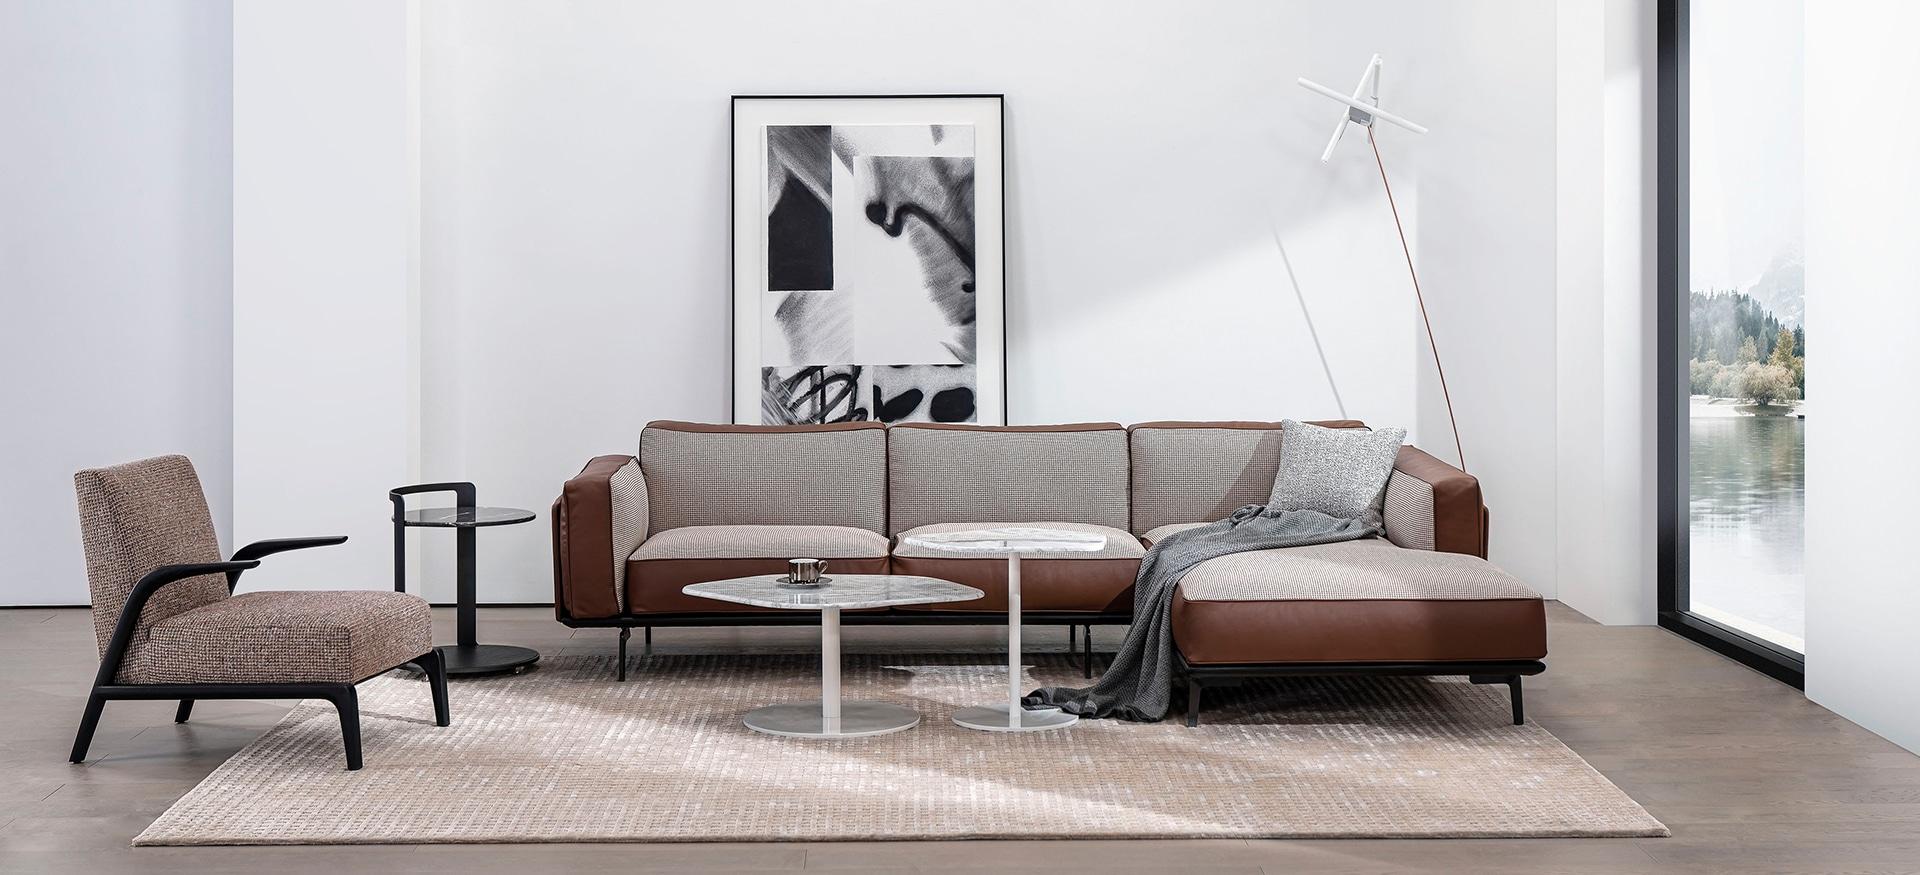 moda sofa